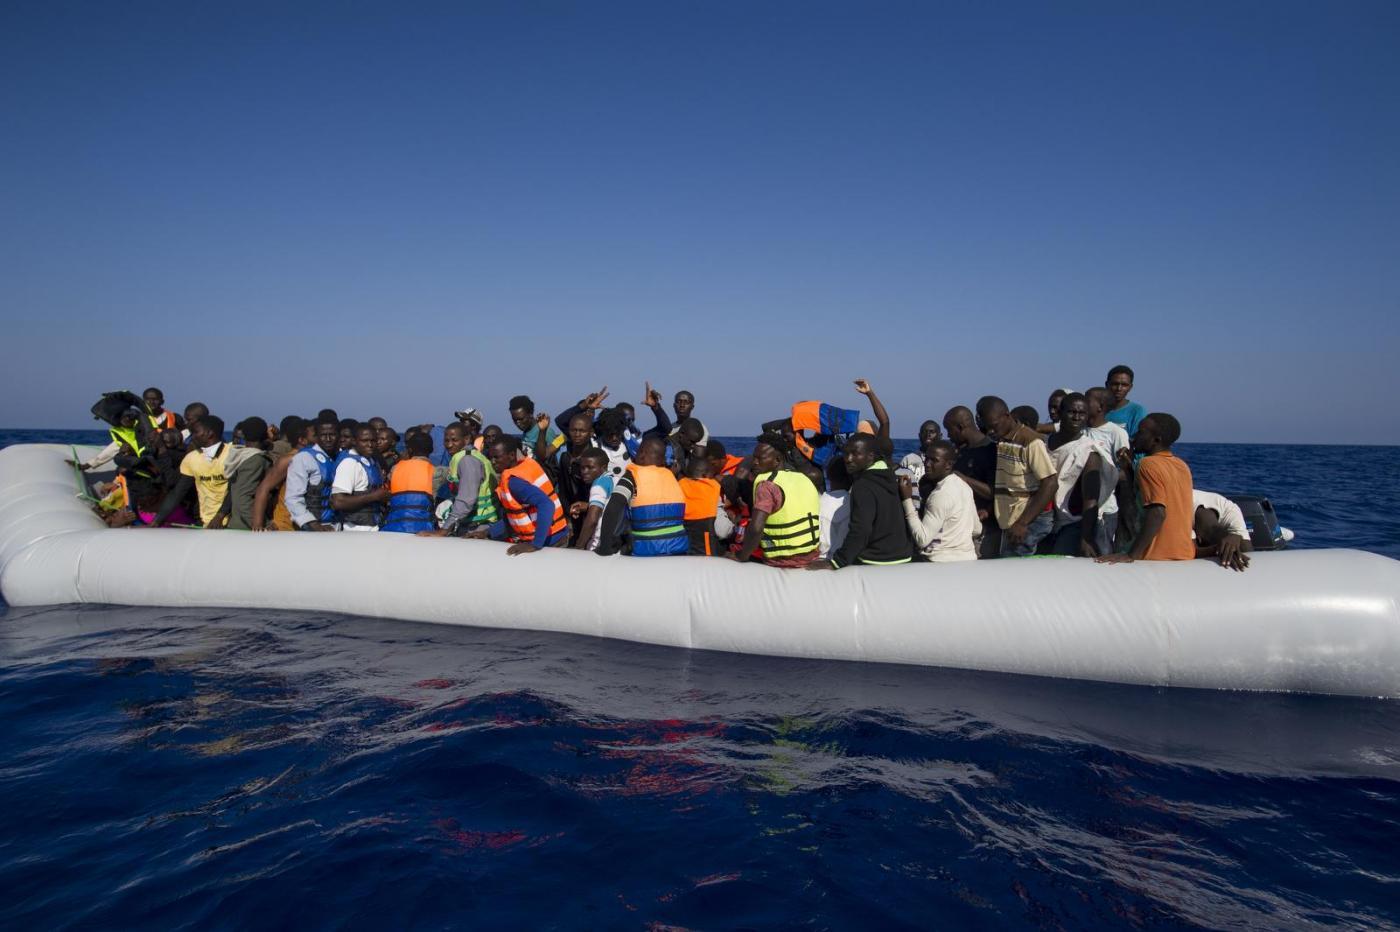 soccorso migranti al largo delle coste libiche